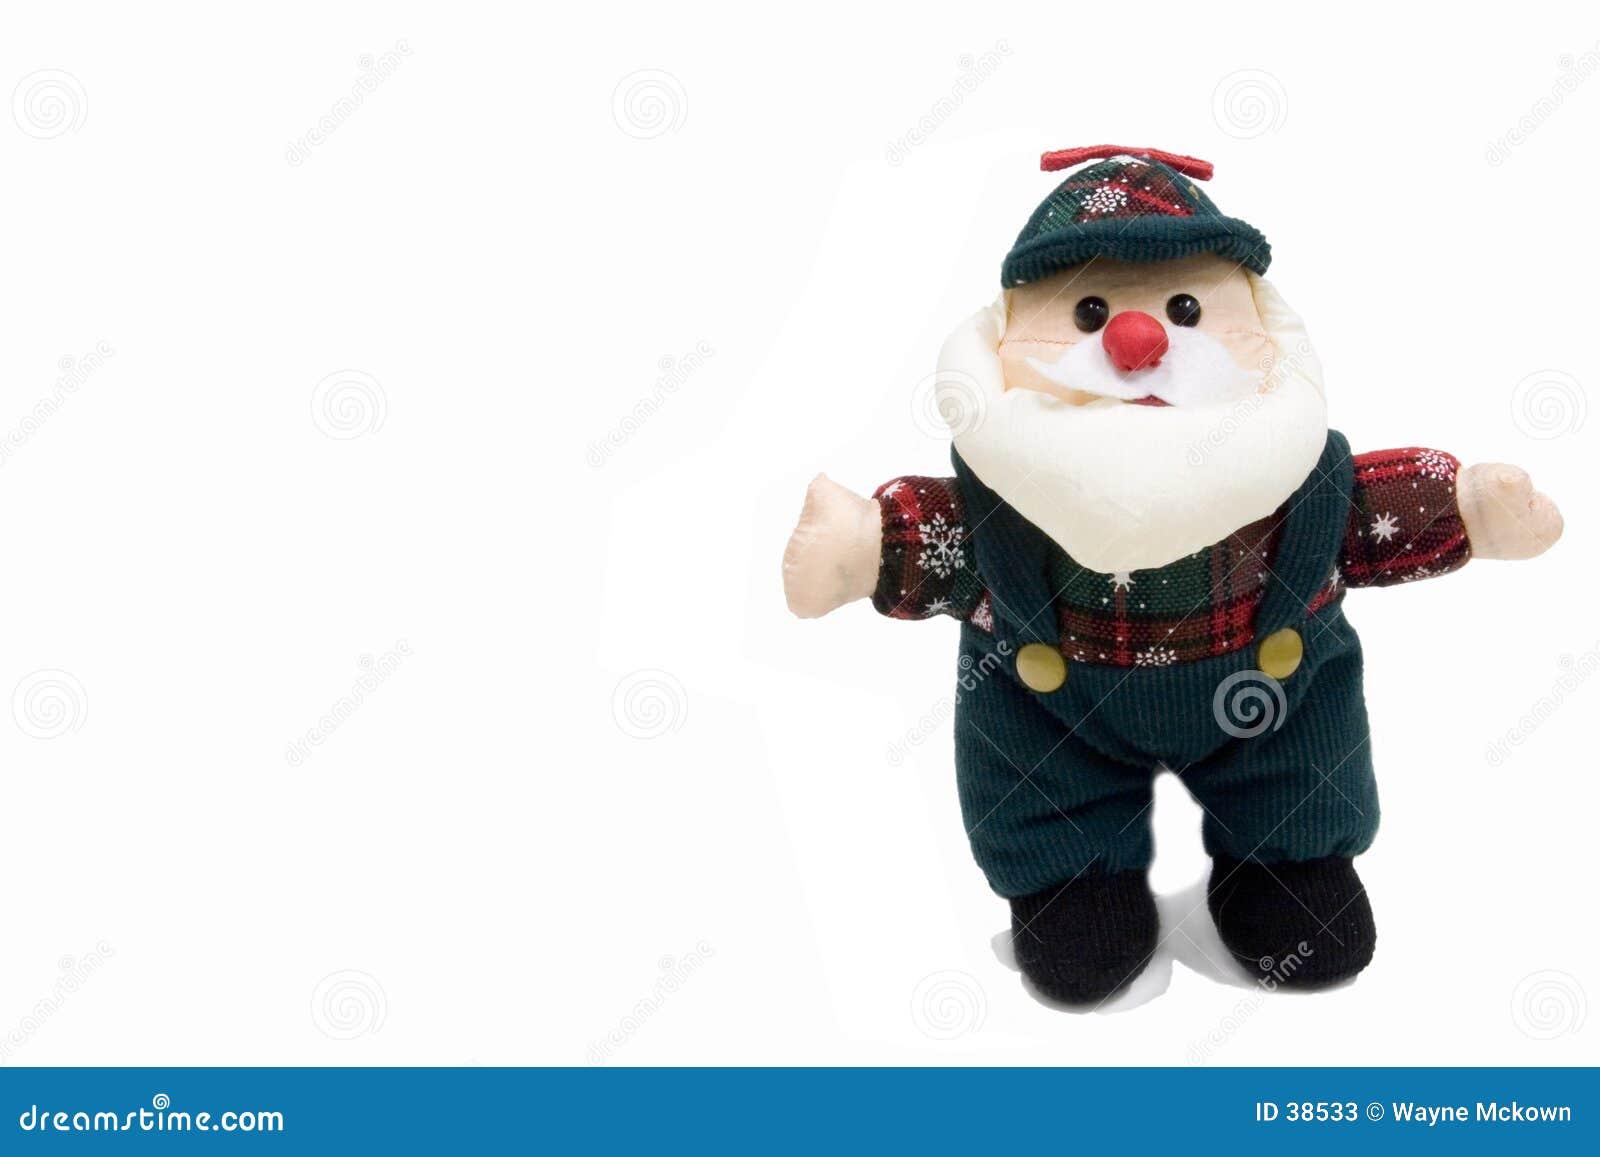 Download Santa en ropa de trabajo imagen de archivo. Imagen de diciembre - 38533